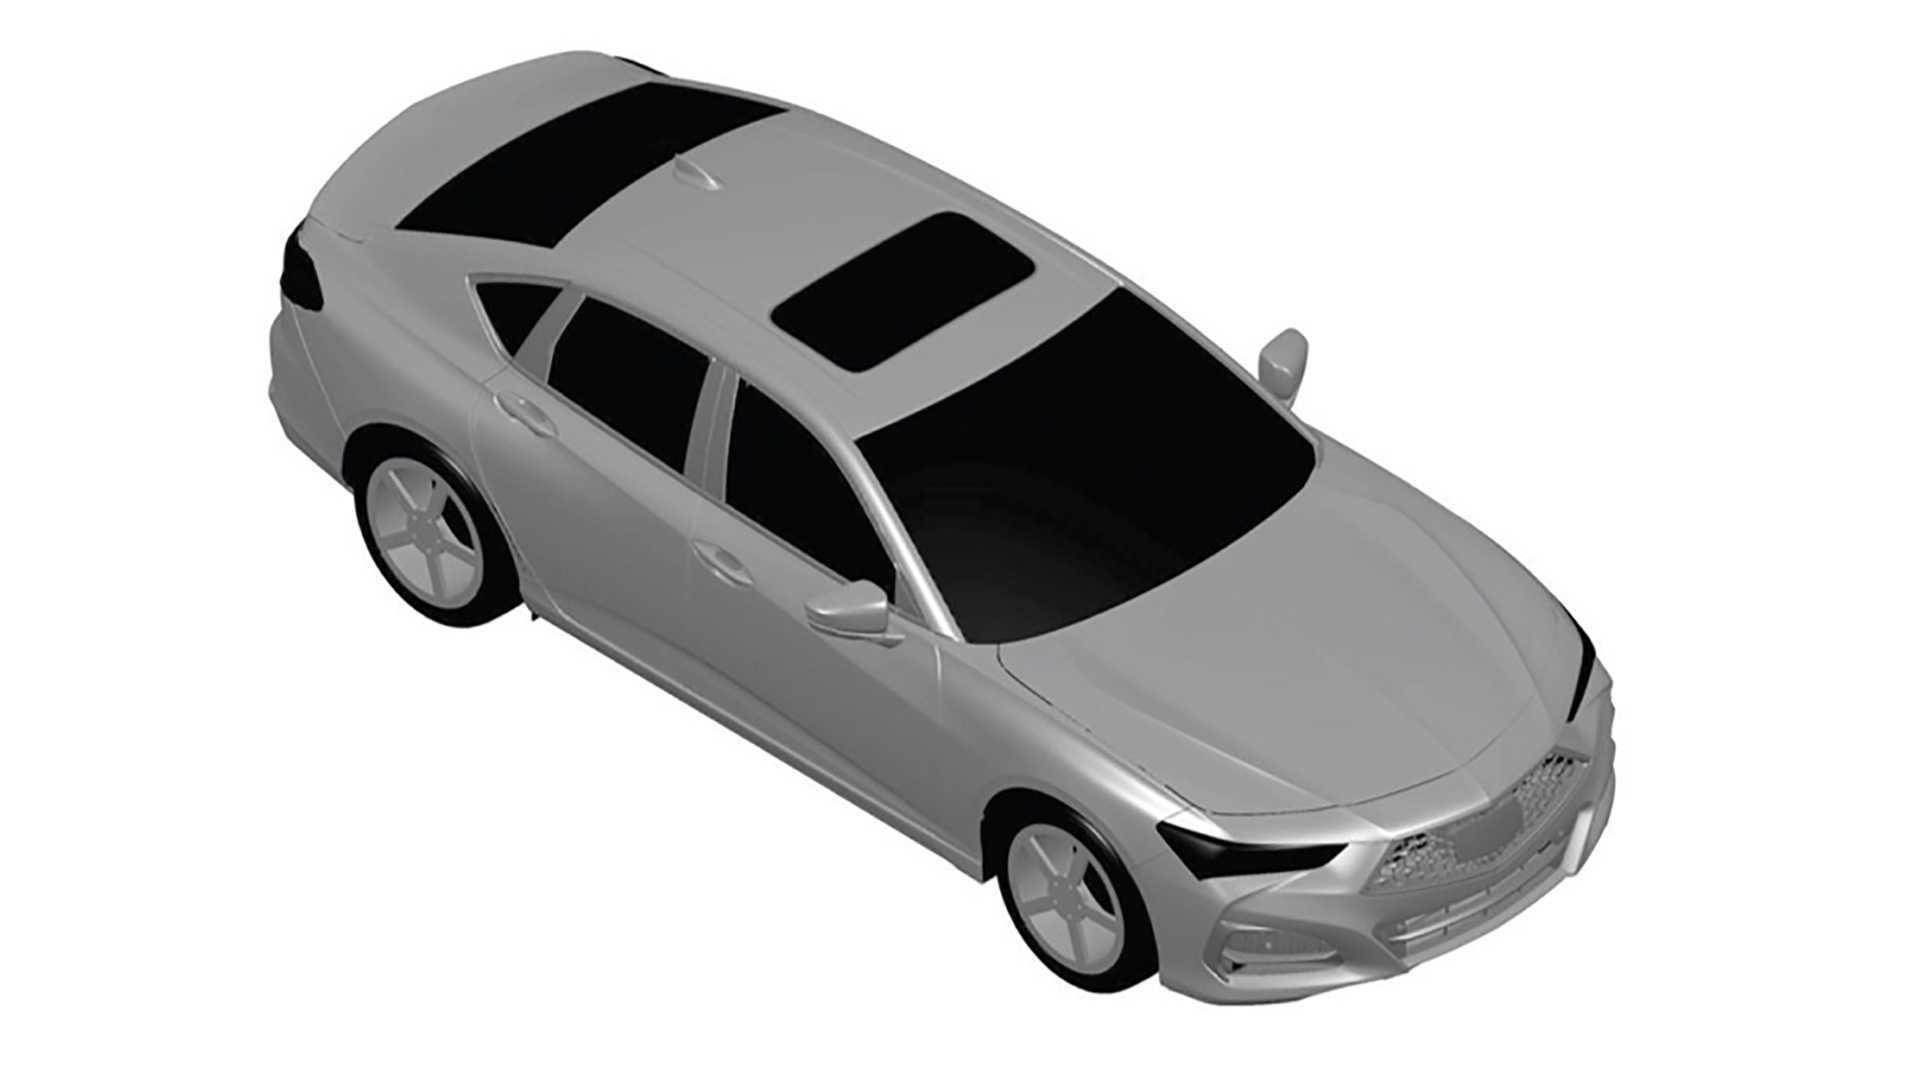 https://cdn.motor1.com/images/mgl/lplGE/s1/2021-acura-tlx-patent-images-leak.jpg